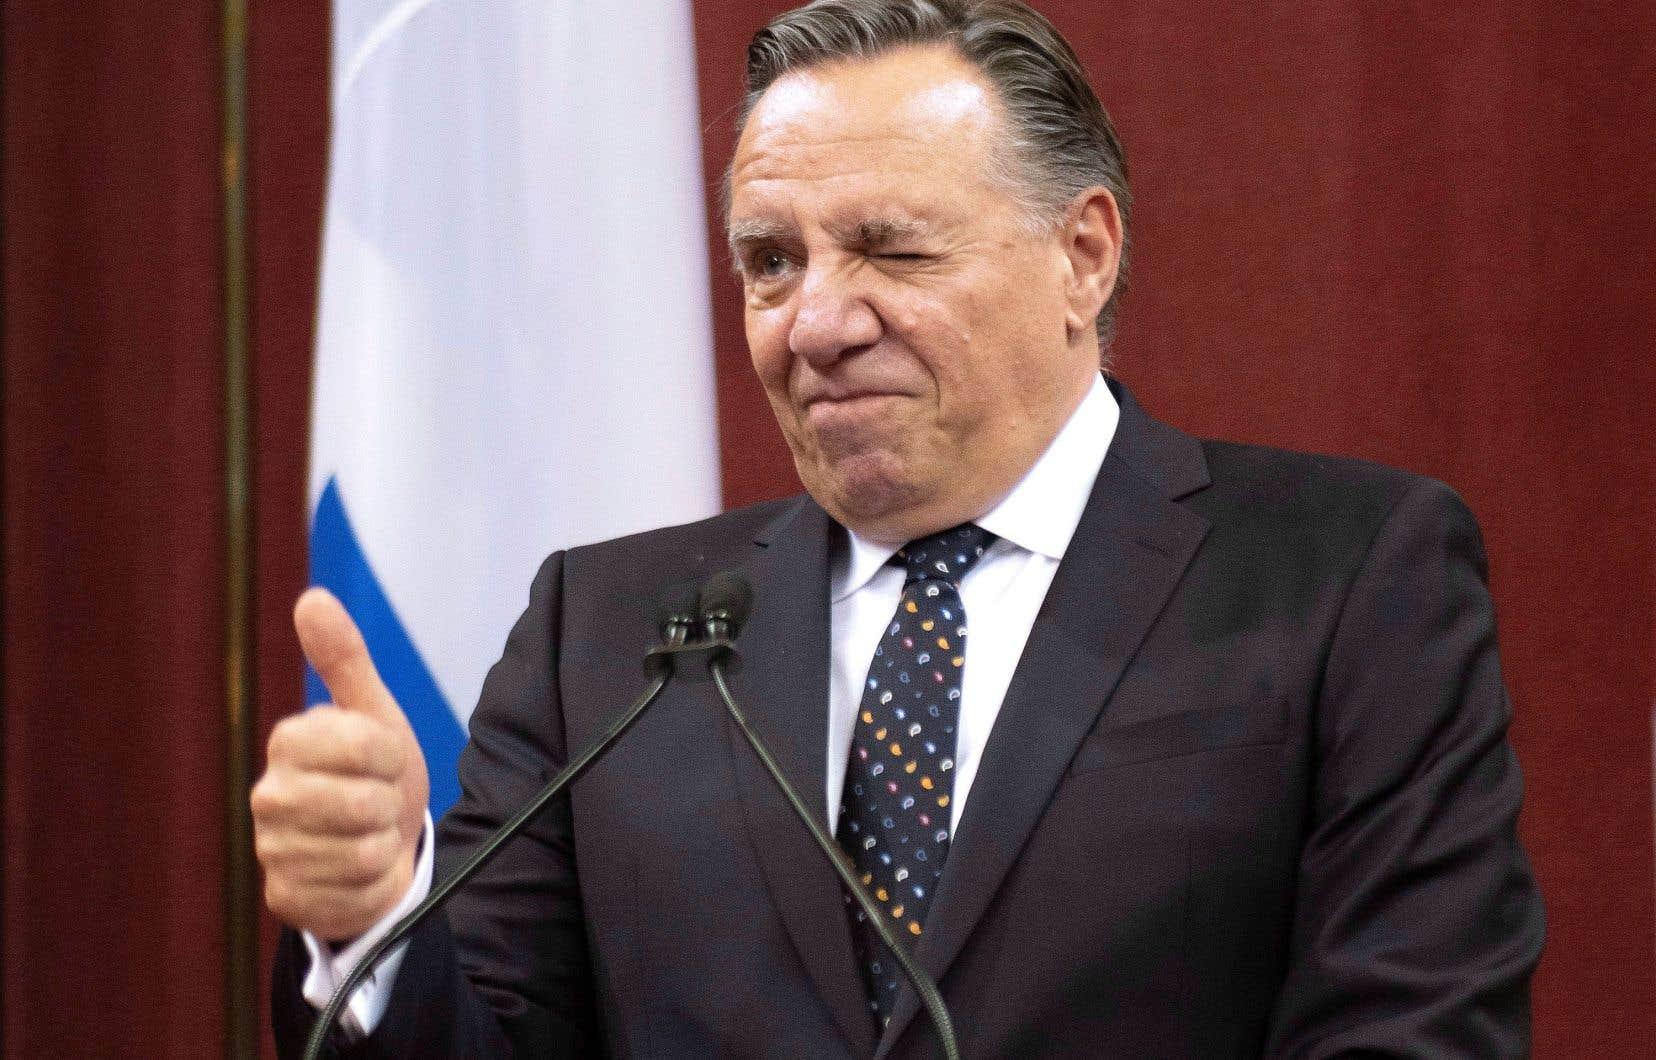 Dans son discours prononcé après l'assermentation des nouveaux ministres, François Legault a dit que son parti politique s'est engagé à augmenter le niveau de richesse des Québécois.